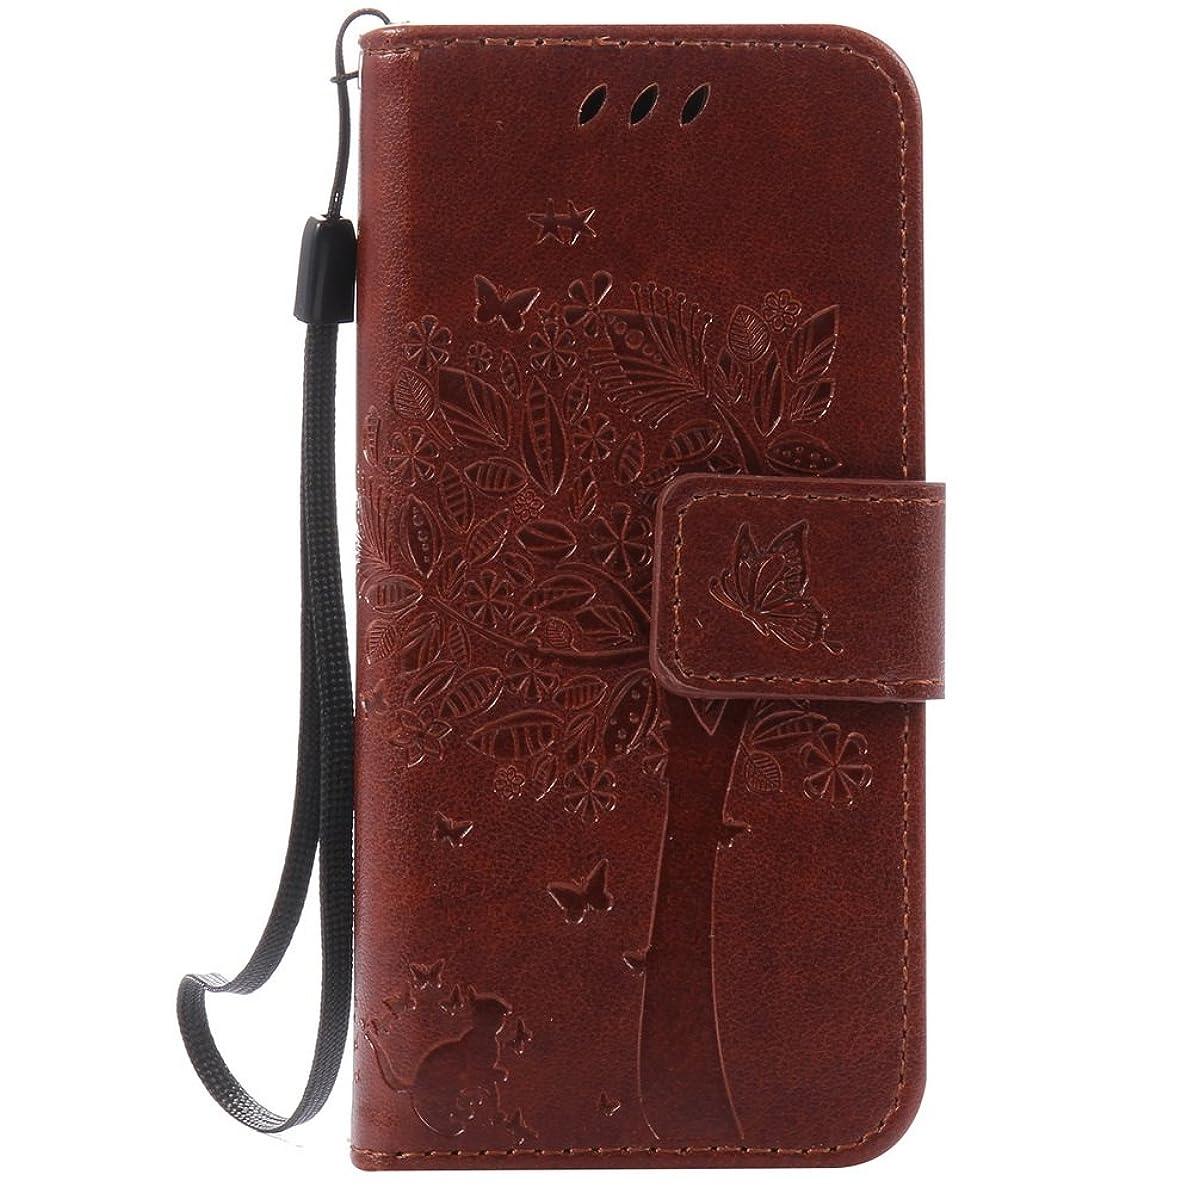 ねばねばブラウズ染料Docrax iPod Touch6ケース / Touch5ケース 手帳型 スタンド機能 財布型 カードポケット アップルTouch第6世代 / Touch第5世代 手帳型ケース レザーケース カバー - DOKTU41033 ブラウン